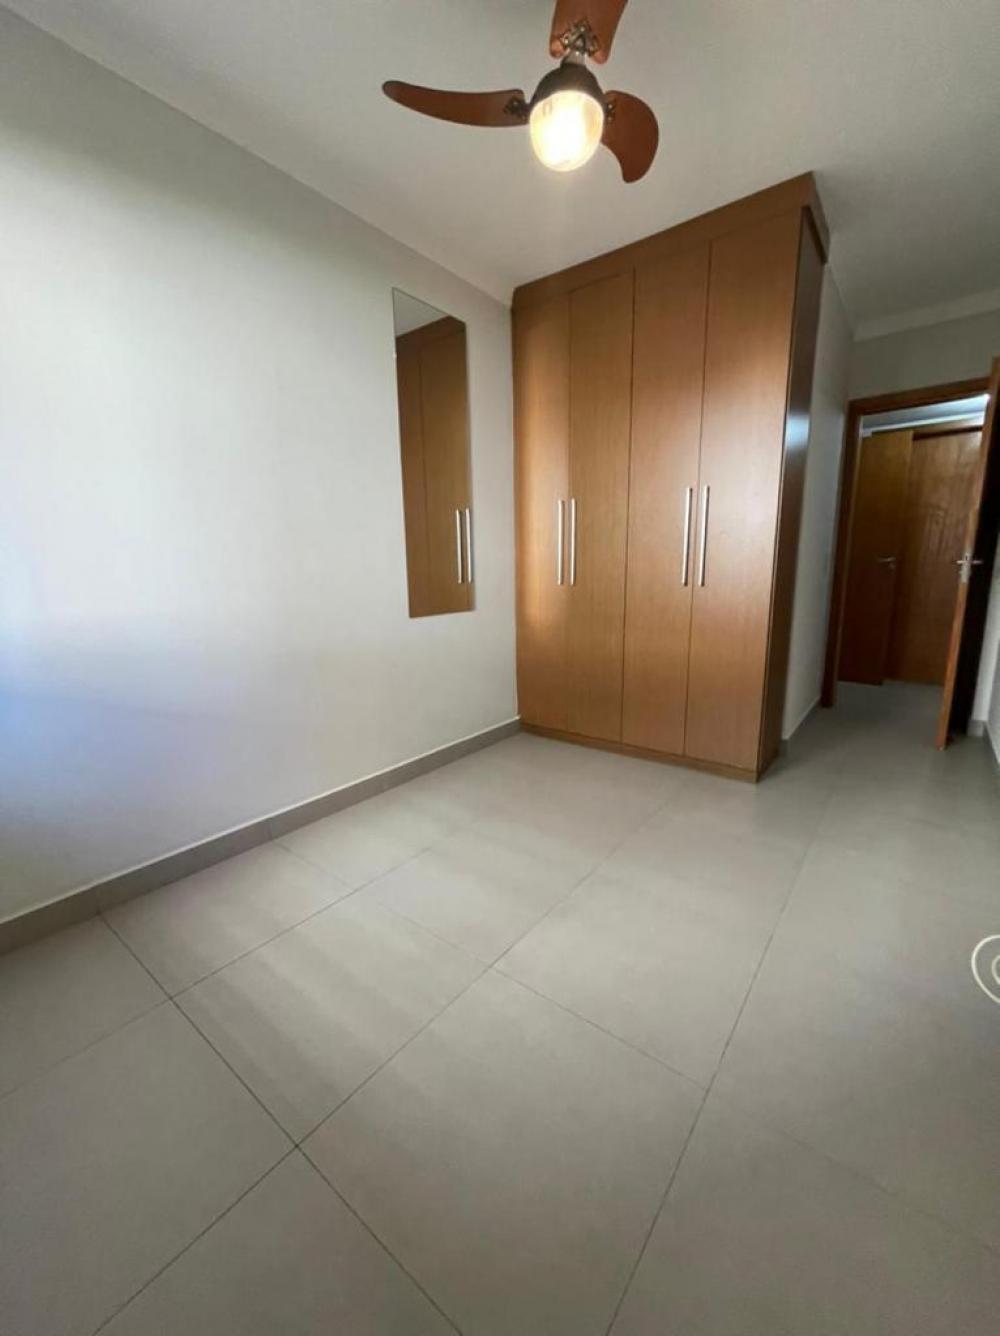 Comprar Apartamento / Padrão em Ribeirão Preto R$ 420.000,00 - Foto 5